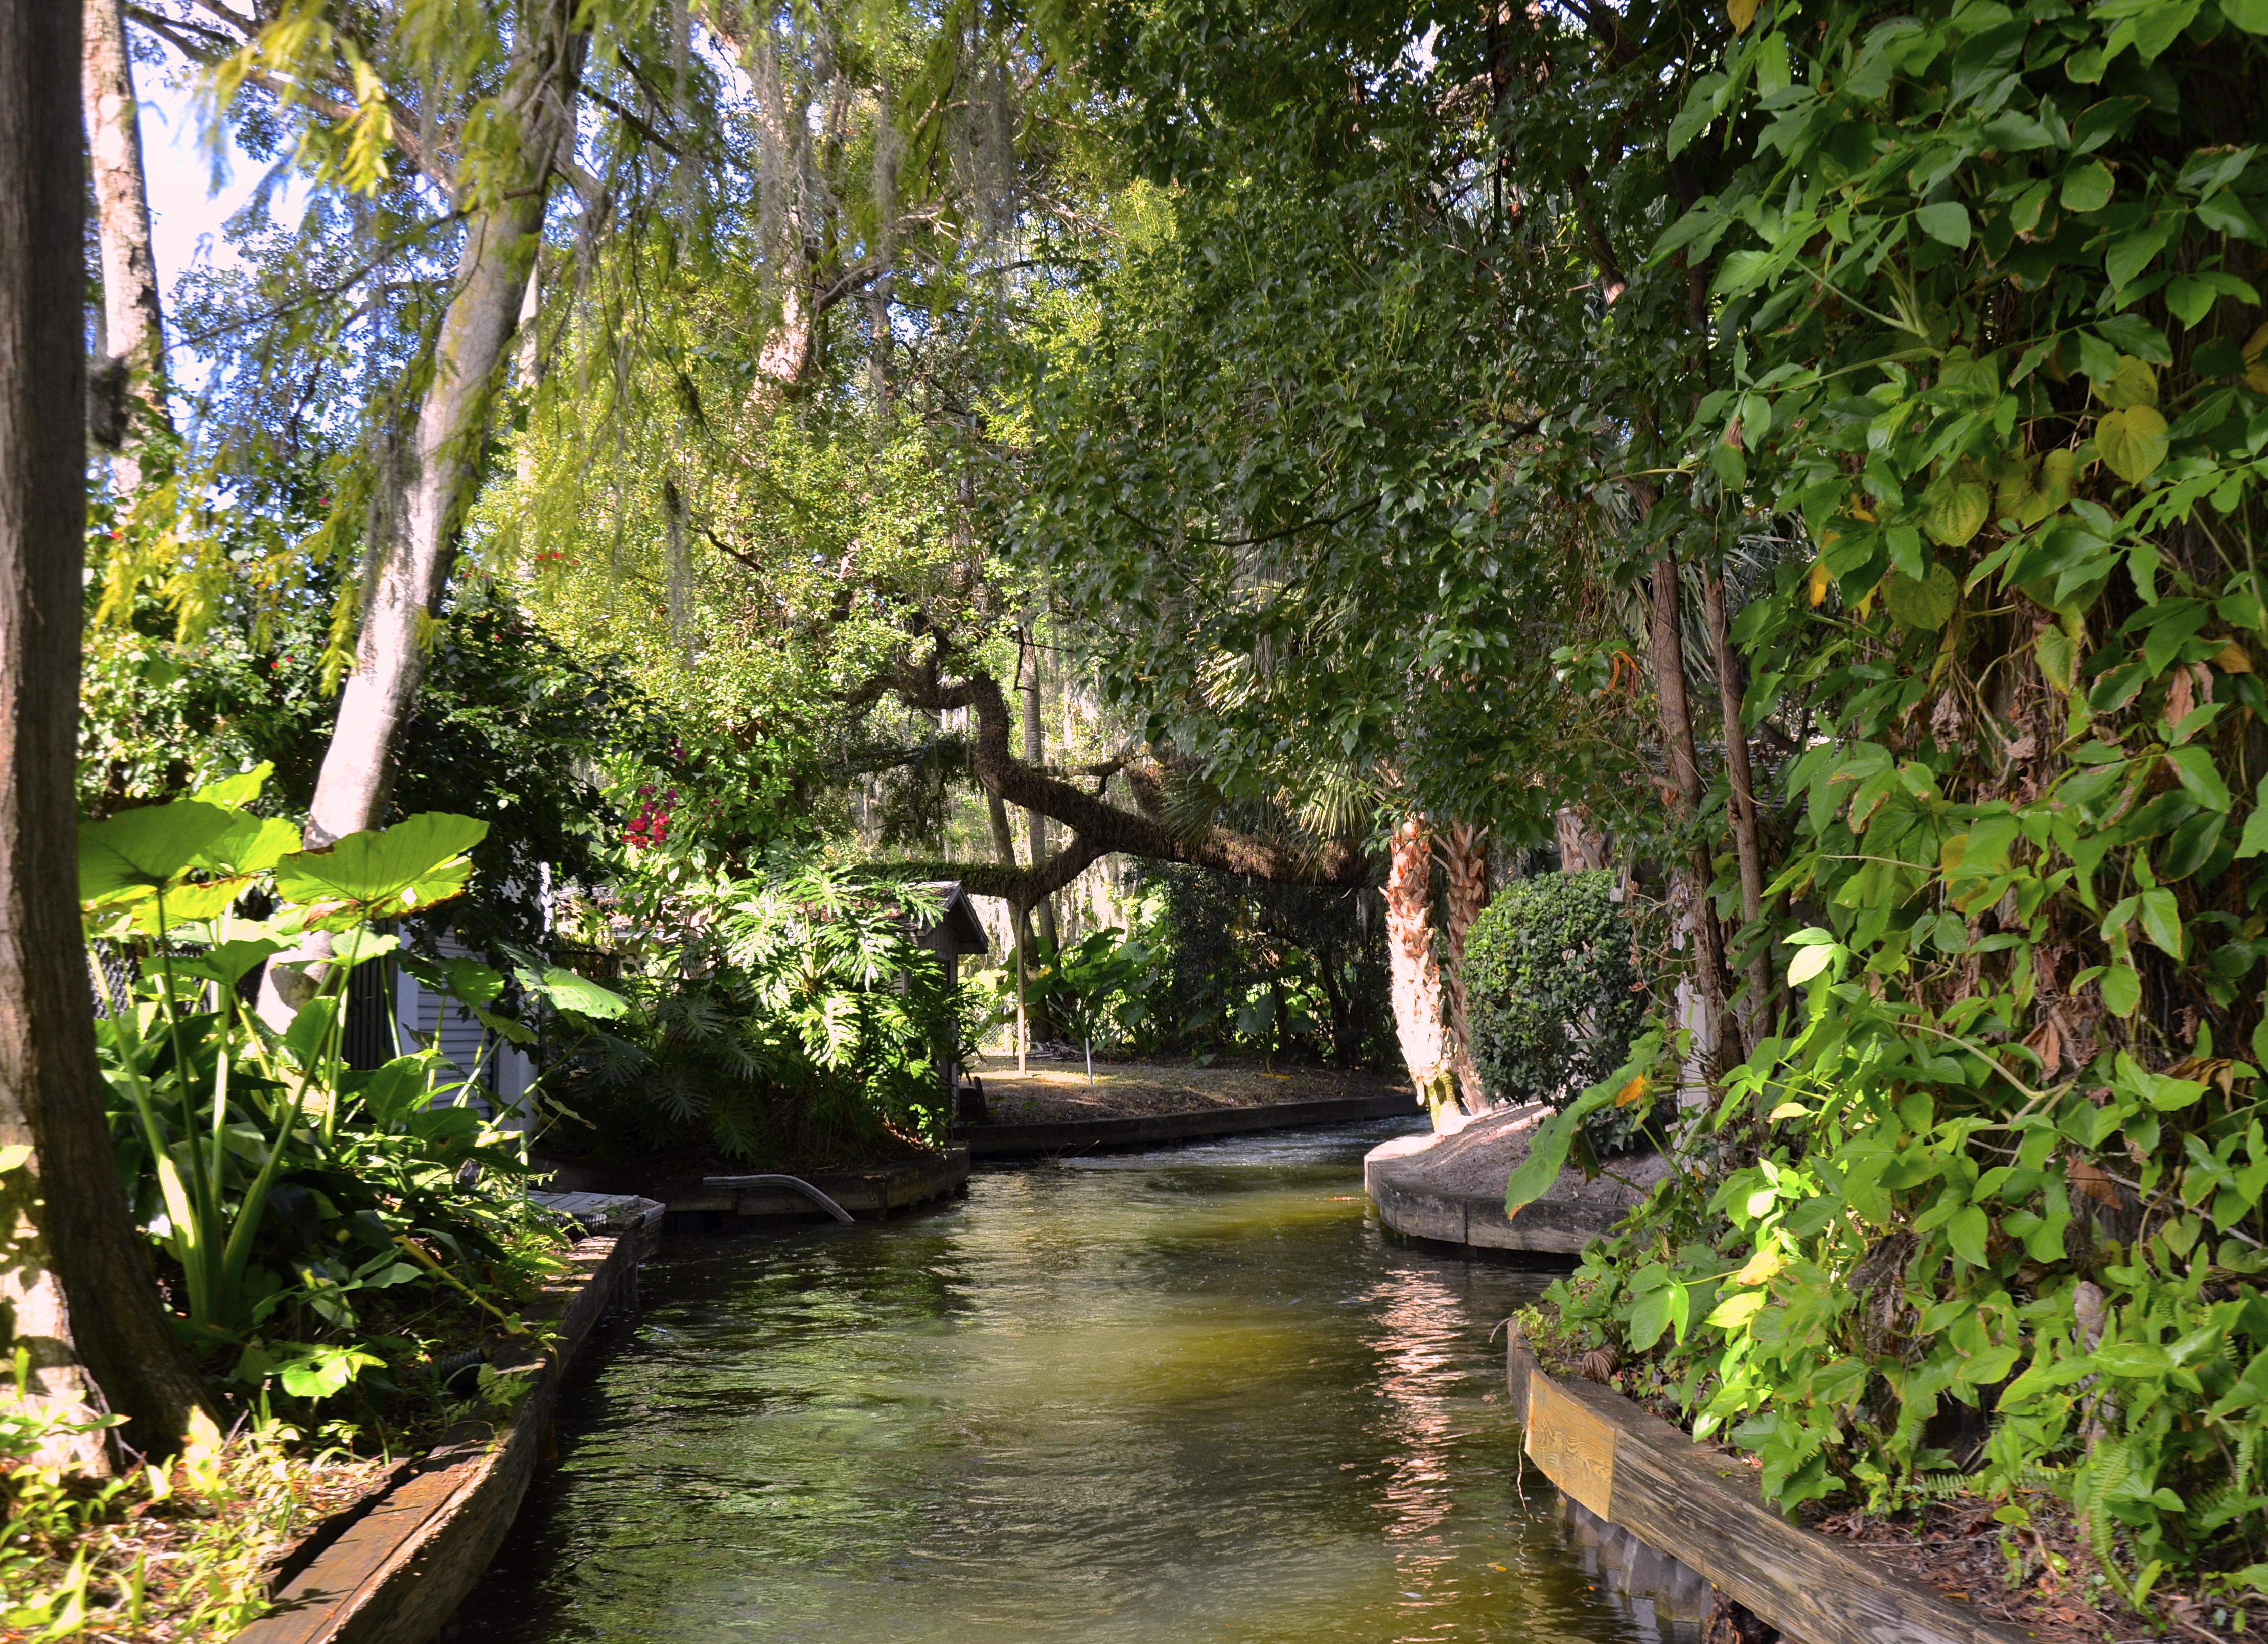 Winter Park Wonderland A Surprising Florida Detour News Sports Jobs Journal News